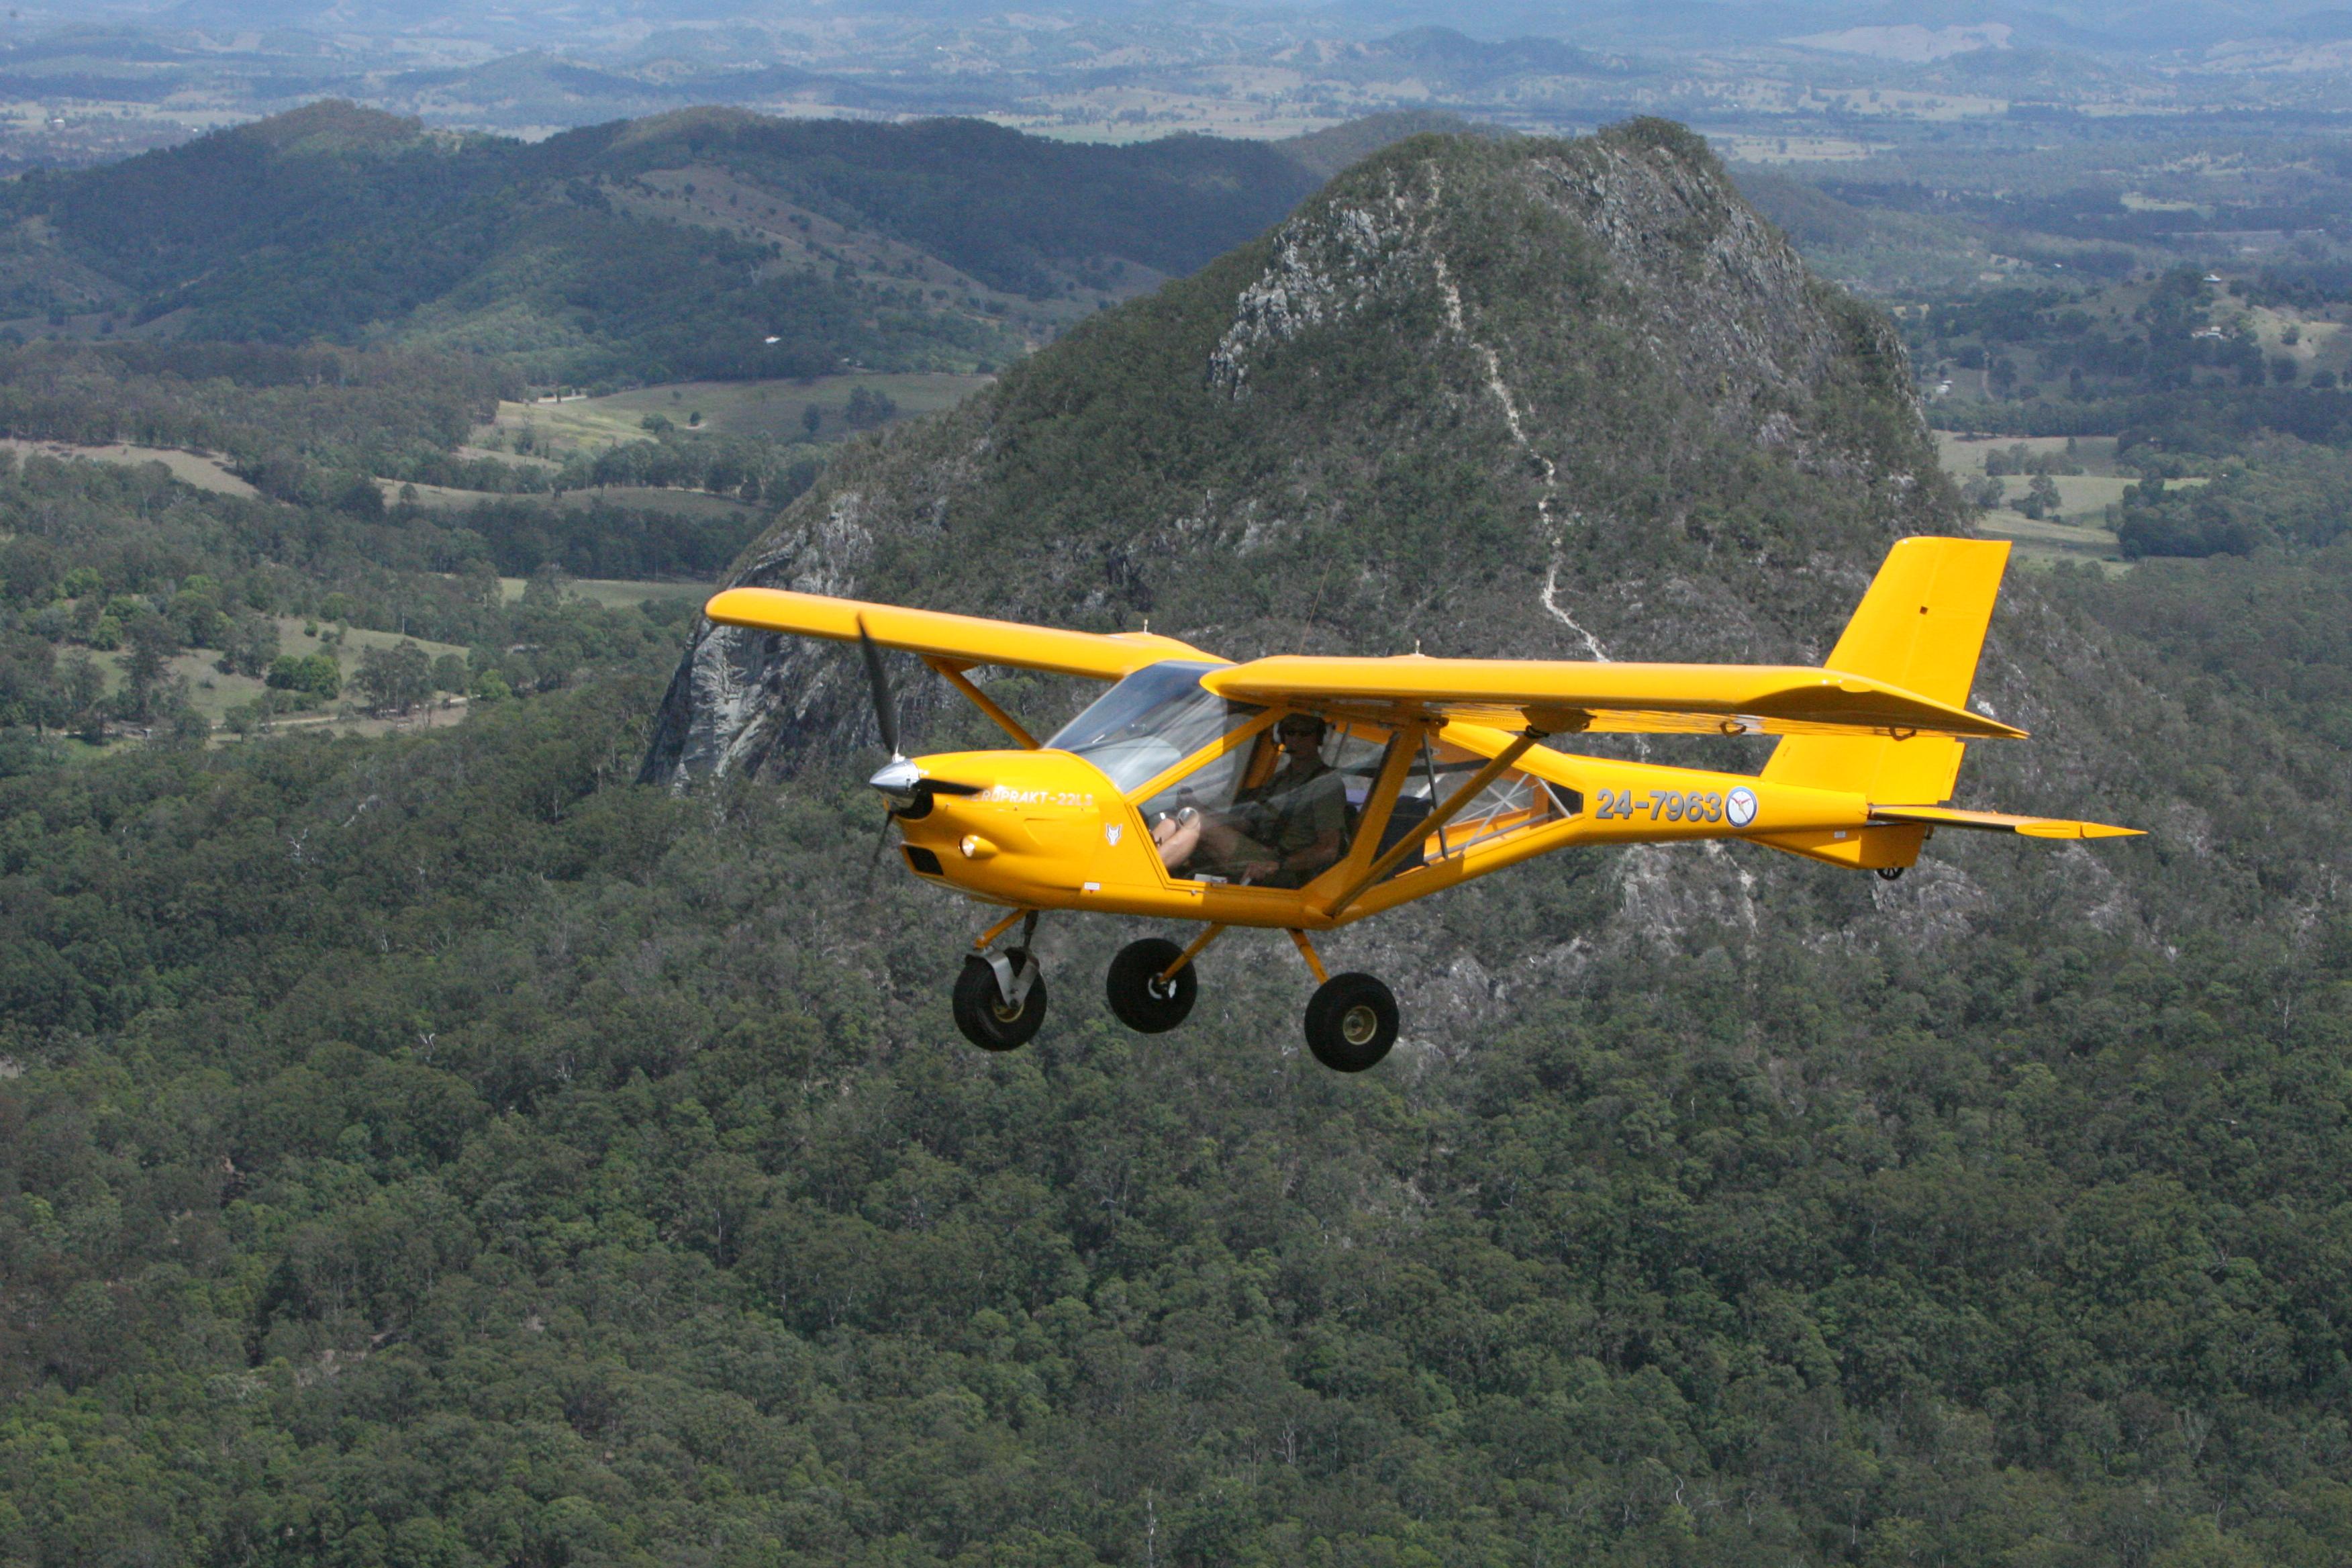 Foxbat Sortie over Mt Cooroora